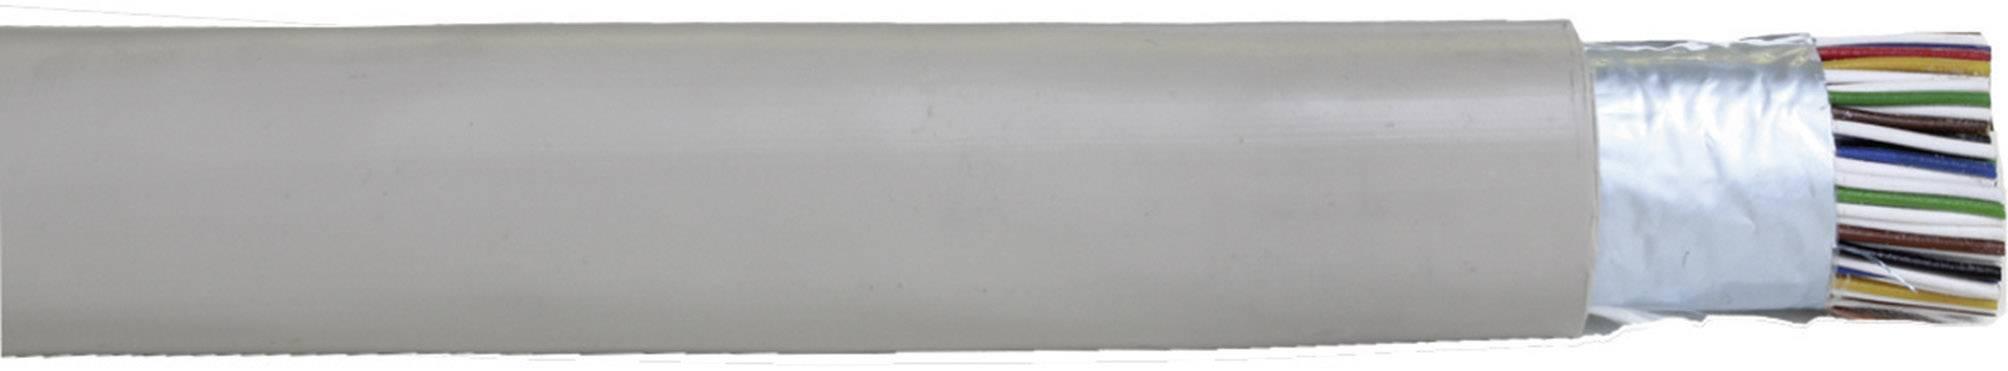 Řídicí kabel Faber Kabel J-Y(ST)Y (100007), 6,8 mm, stíněný, šedá, 1 m